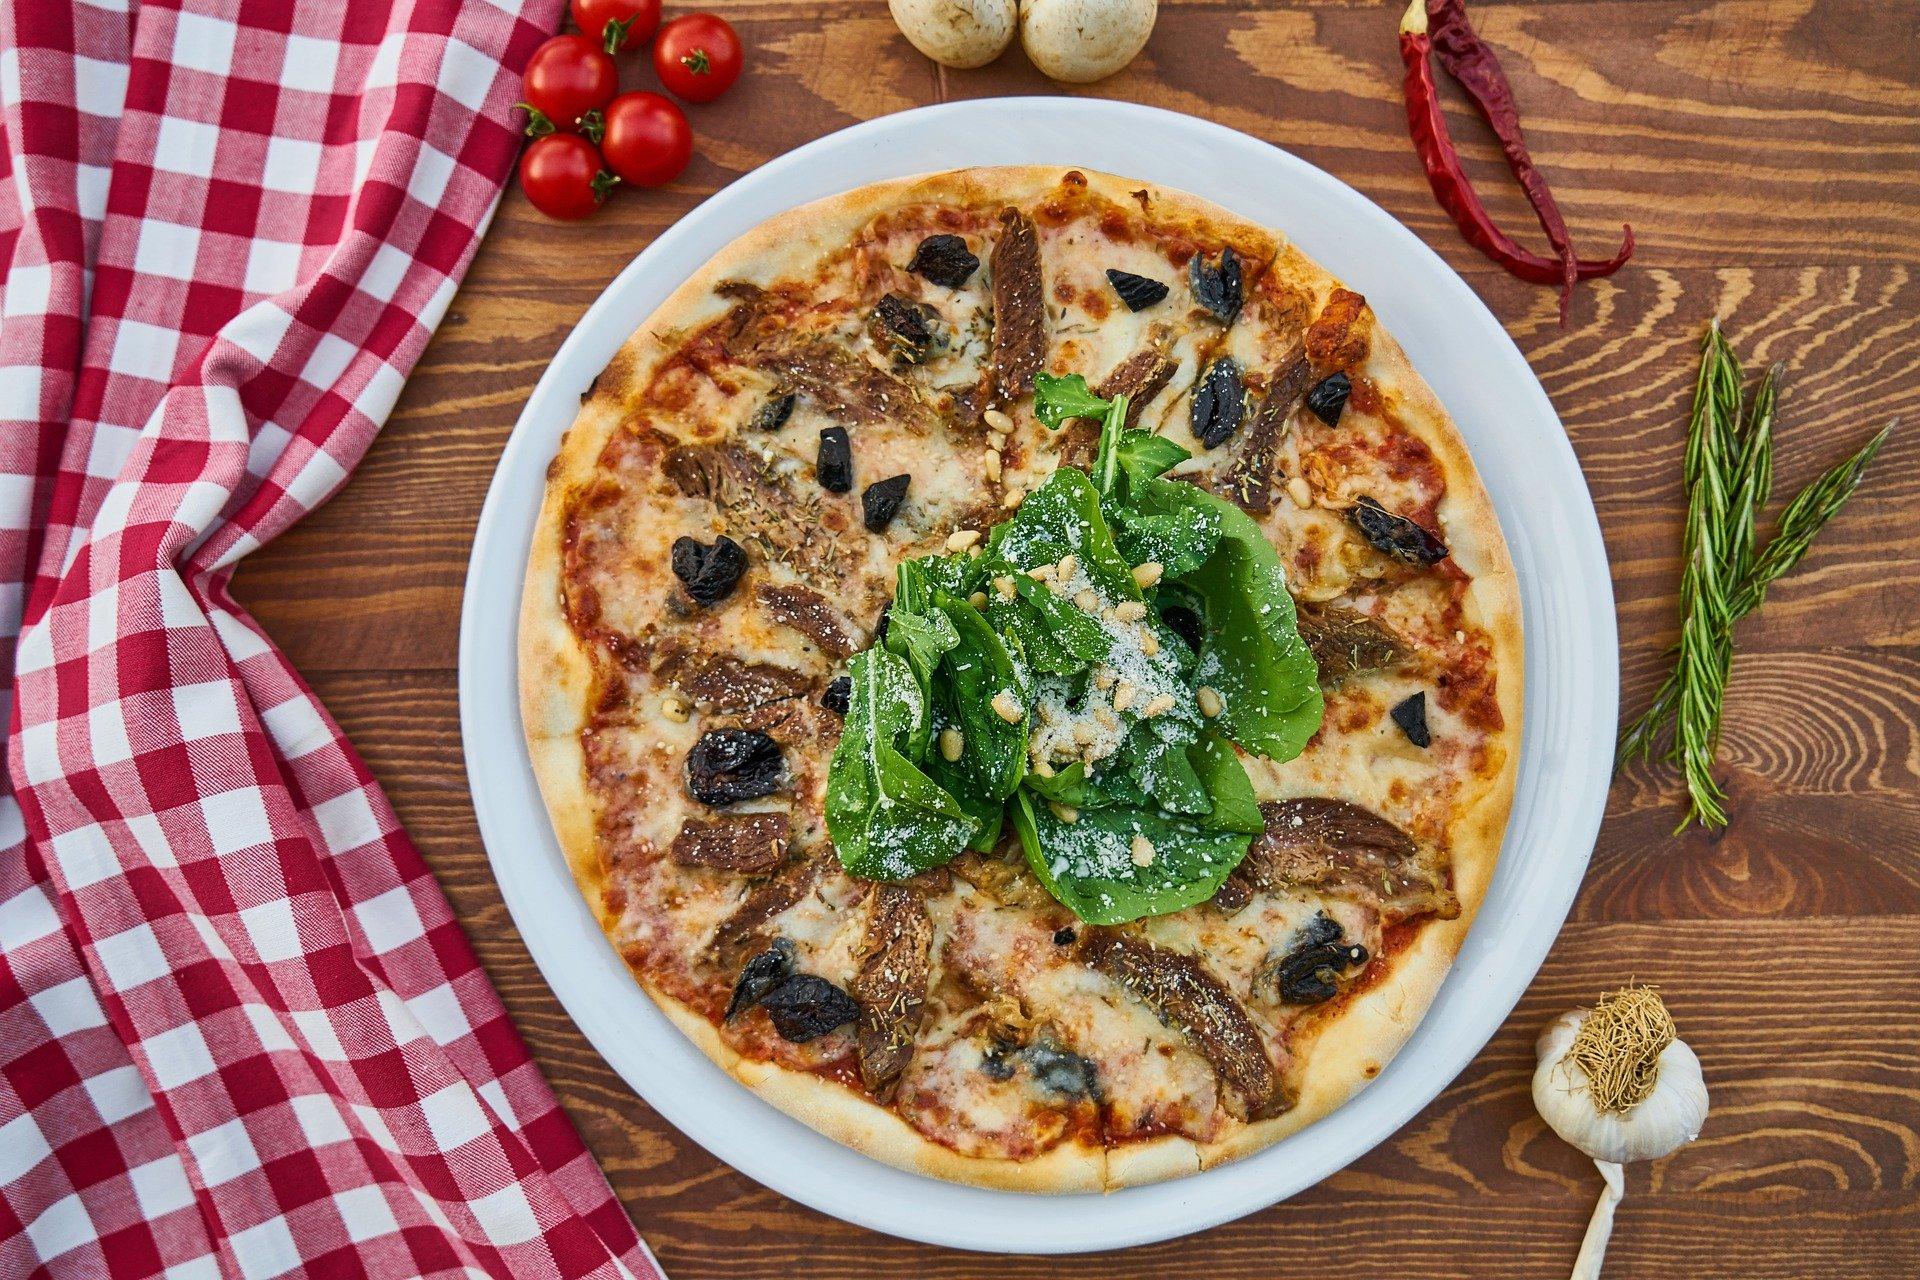 Pizza w Jarocinie i okolicy - prawie 20 pizzerii w powiecie jarocińskim - Zdjęcie główne